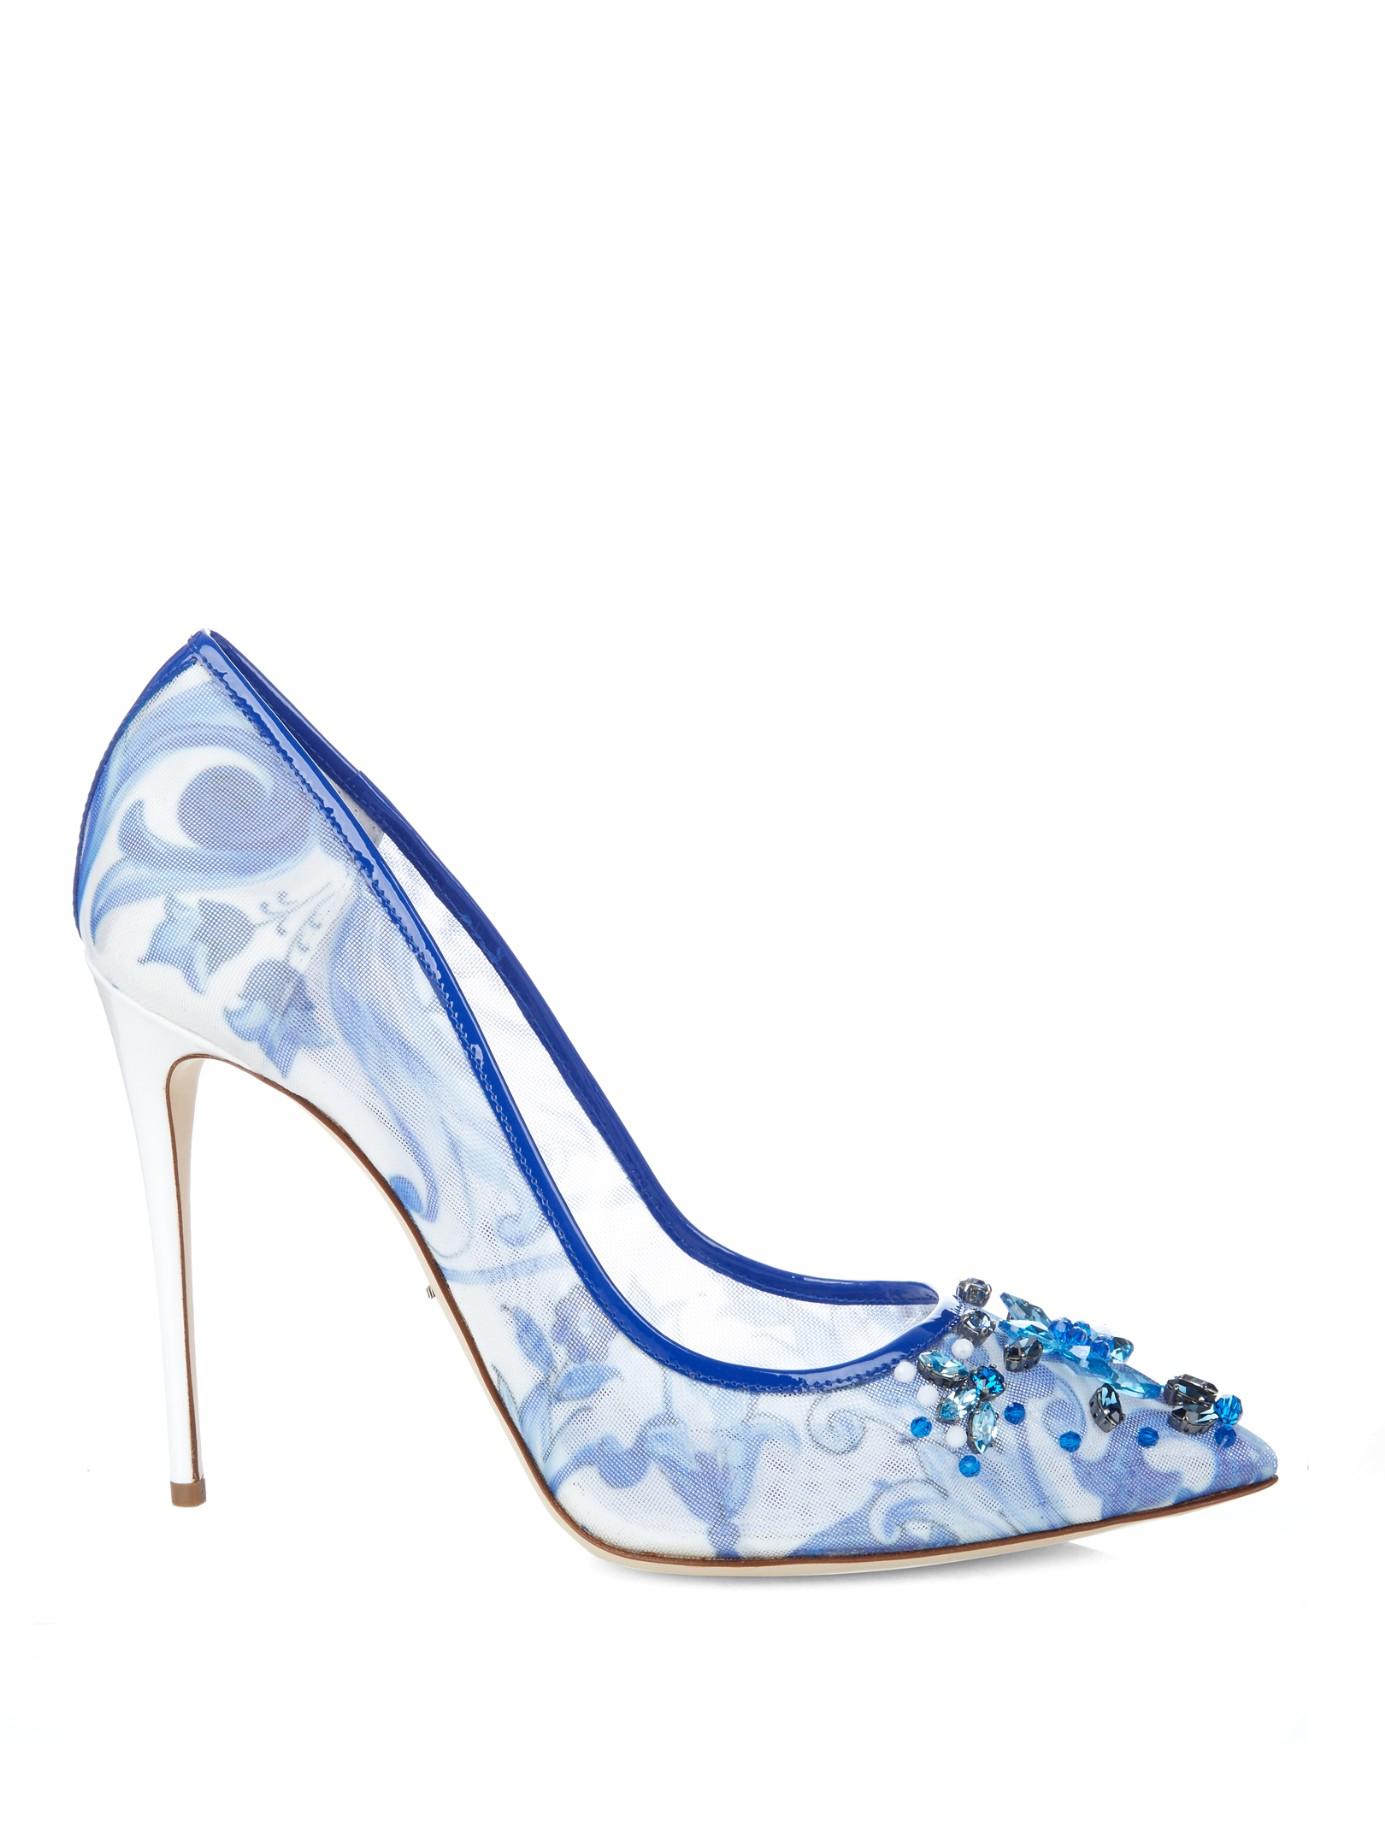 Lyst - Dolce   Gabbana Crystal-Embellished Majolica-Print Mesh Pumps ... 102de28969212